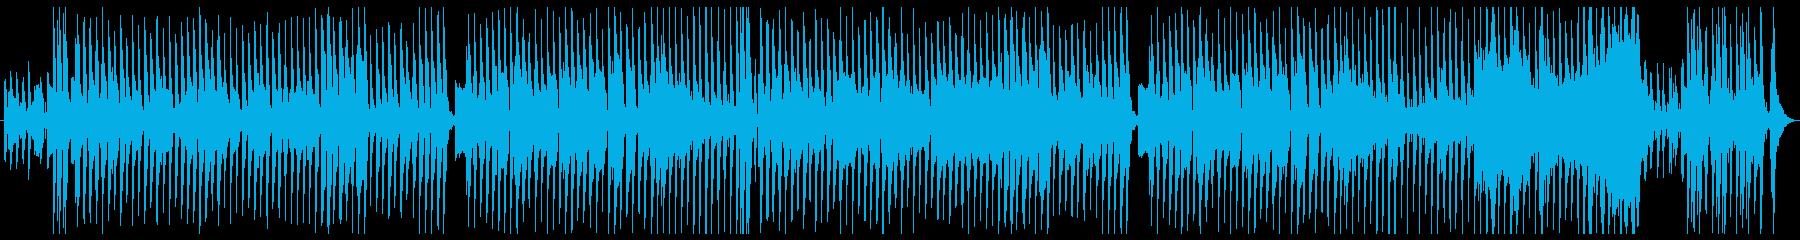 のどかな雰囲気のリコーダーの再生済みの波形